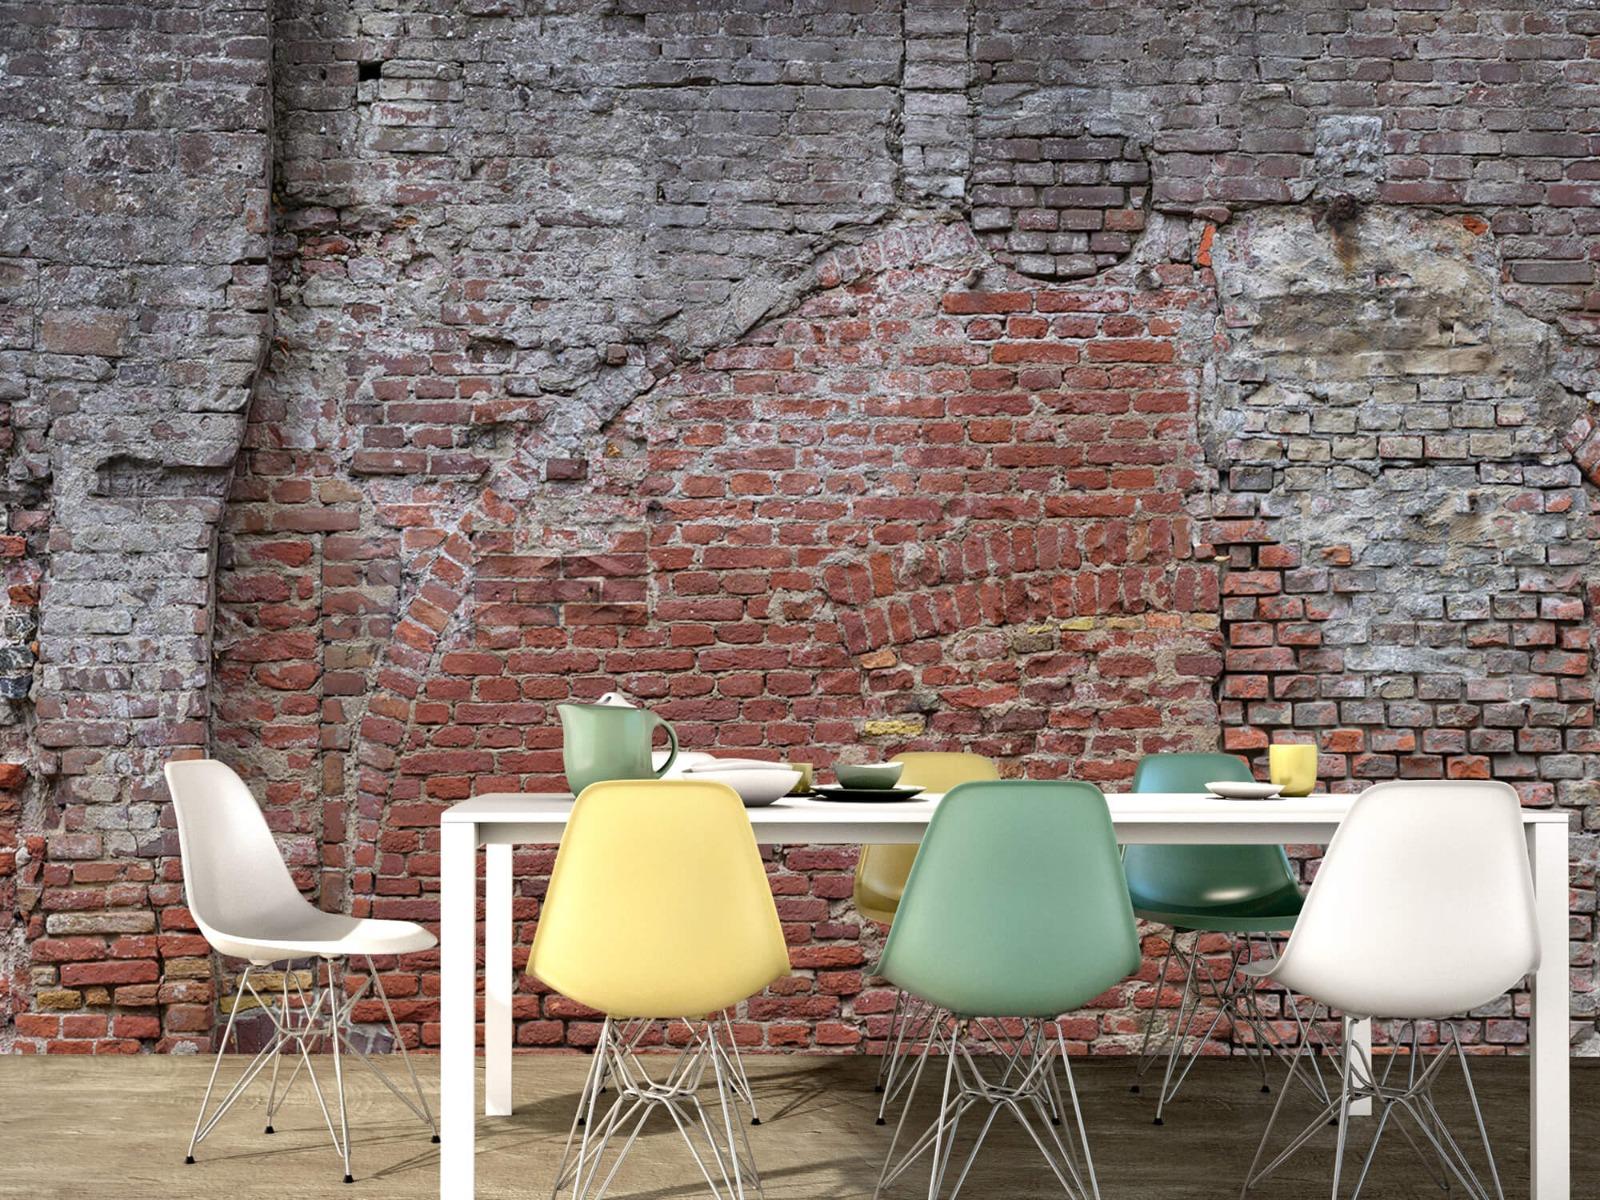 Steen behang - Oude herstelde stadsmuur - Tienerkamer 15